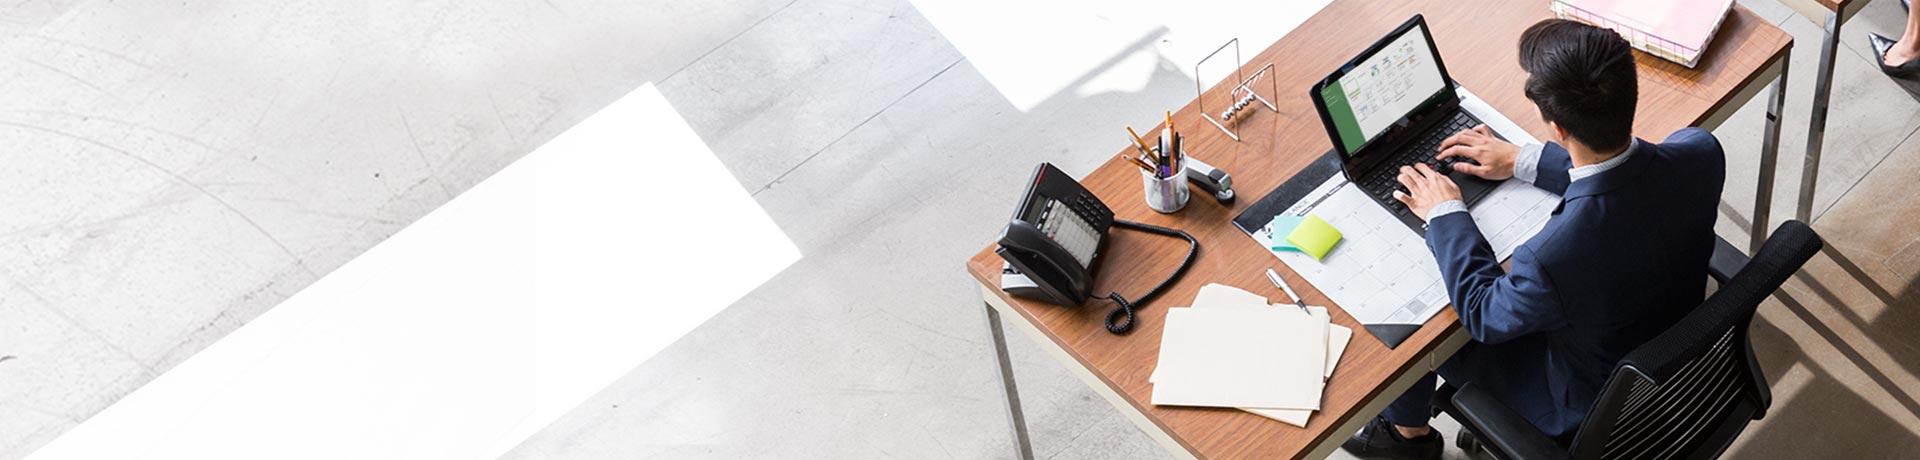 Ein Mann im Büro an seinem Schreibtisch, der an einer Microsoft Project-Datei auf einem Laptop arbeitet